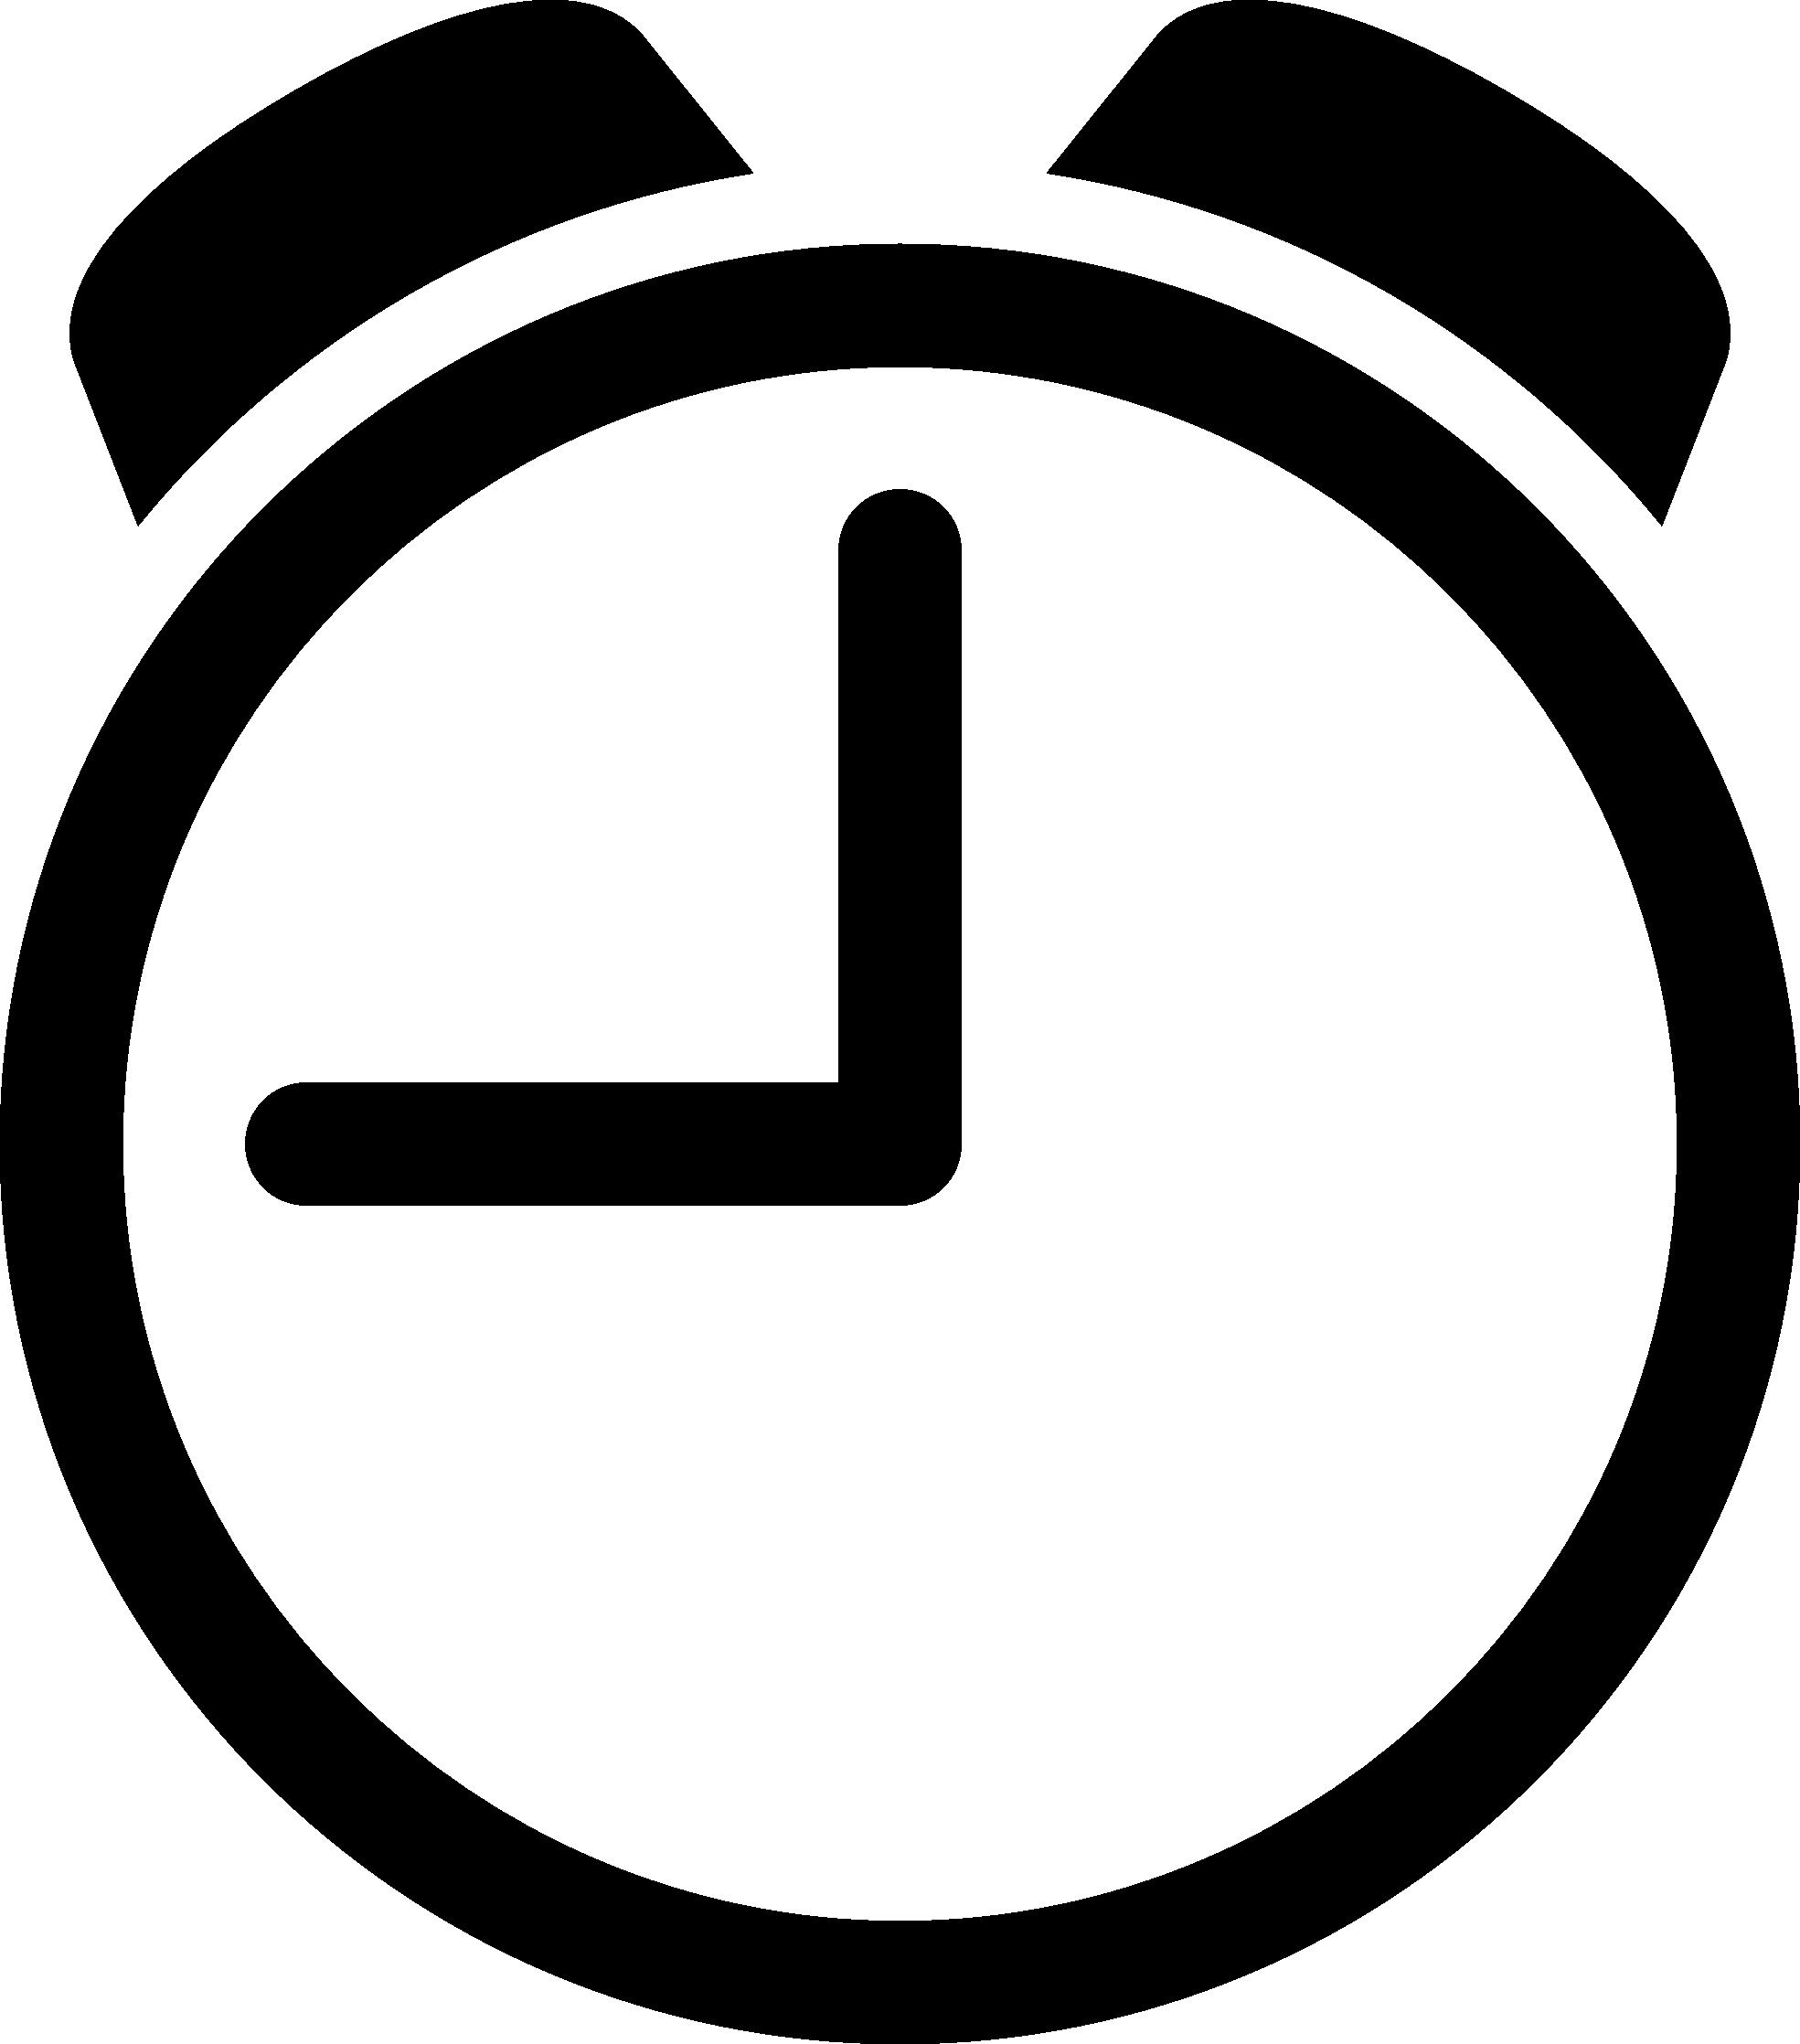 Digital clock clipart black